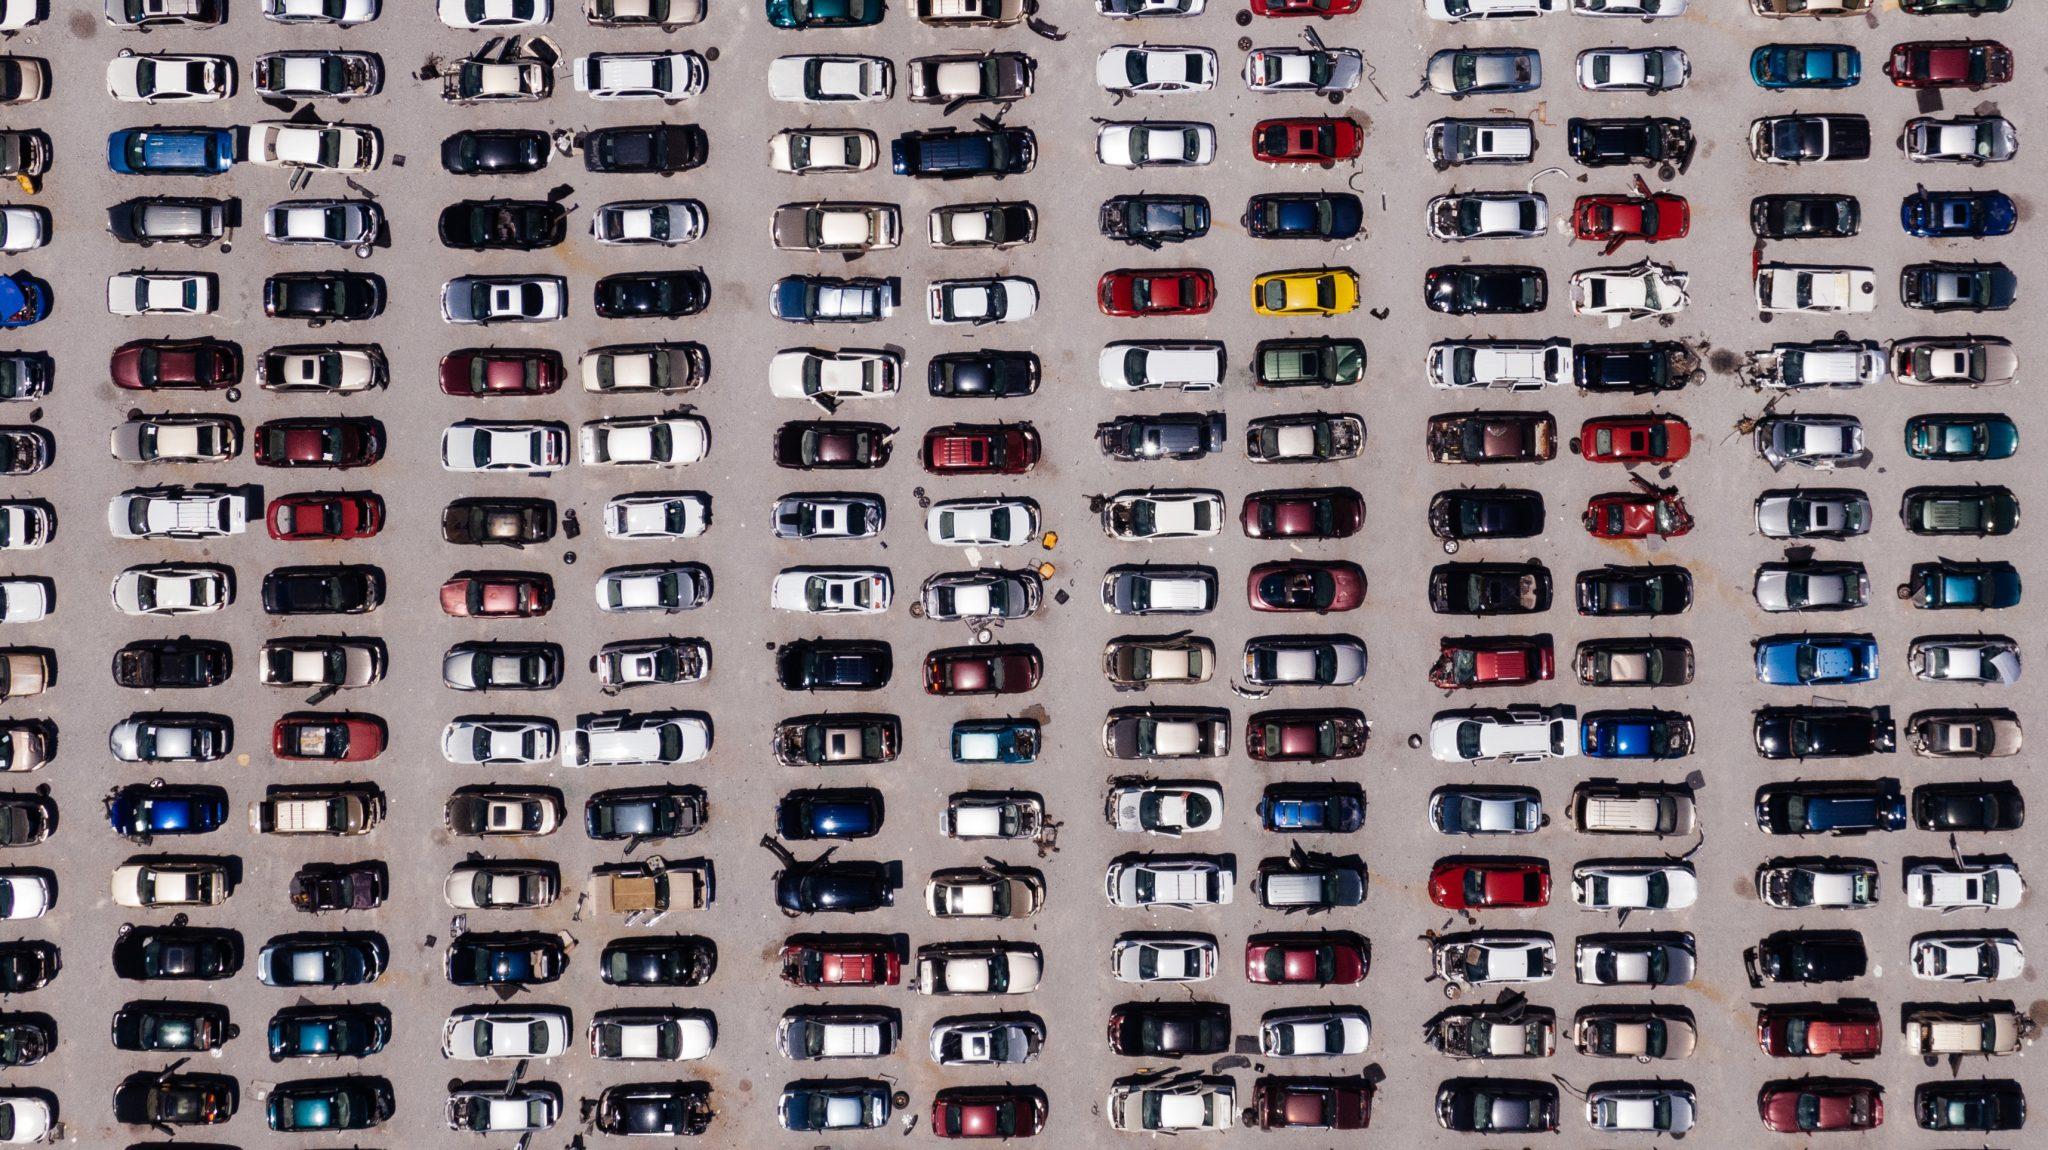 Parking vehículos coches aparcamiento